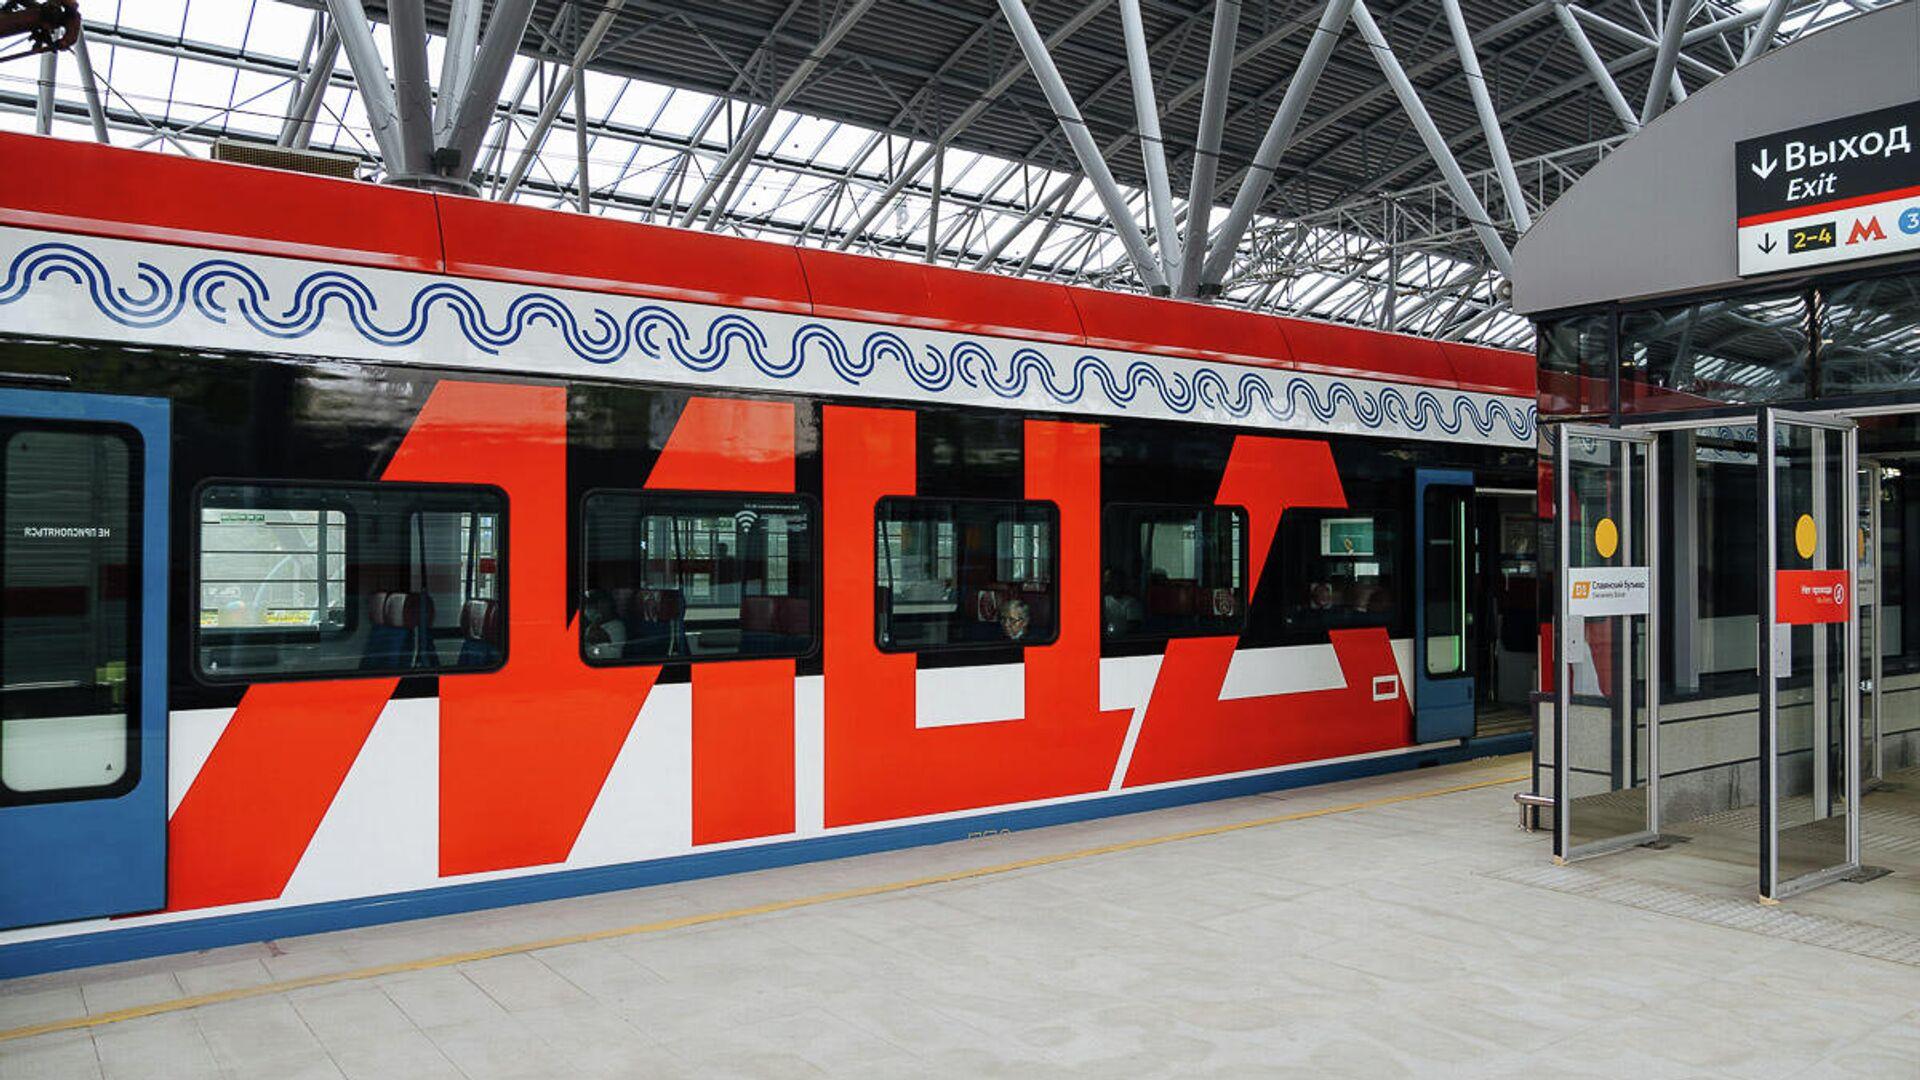 Запуск МЦД улучшил транспортное обслуживание более 4 миллионов жителей Москвы и области - РИА Новости, 1920, 27.05.2021